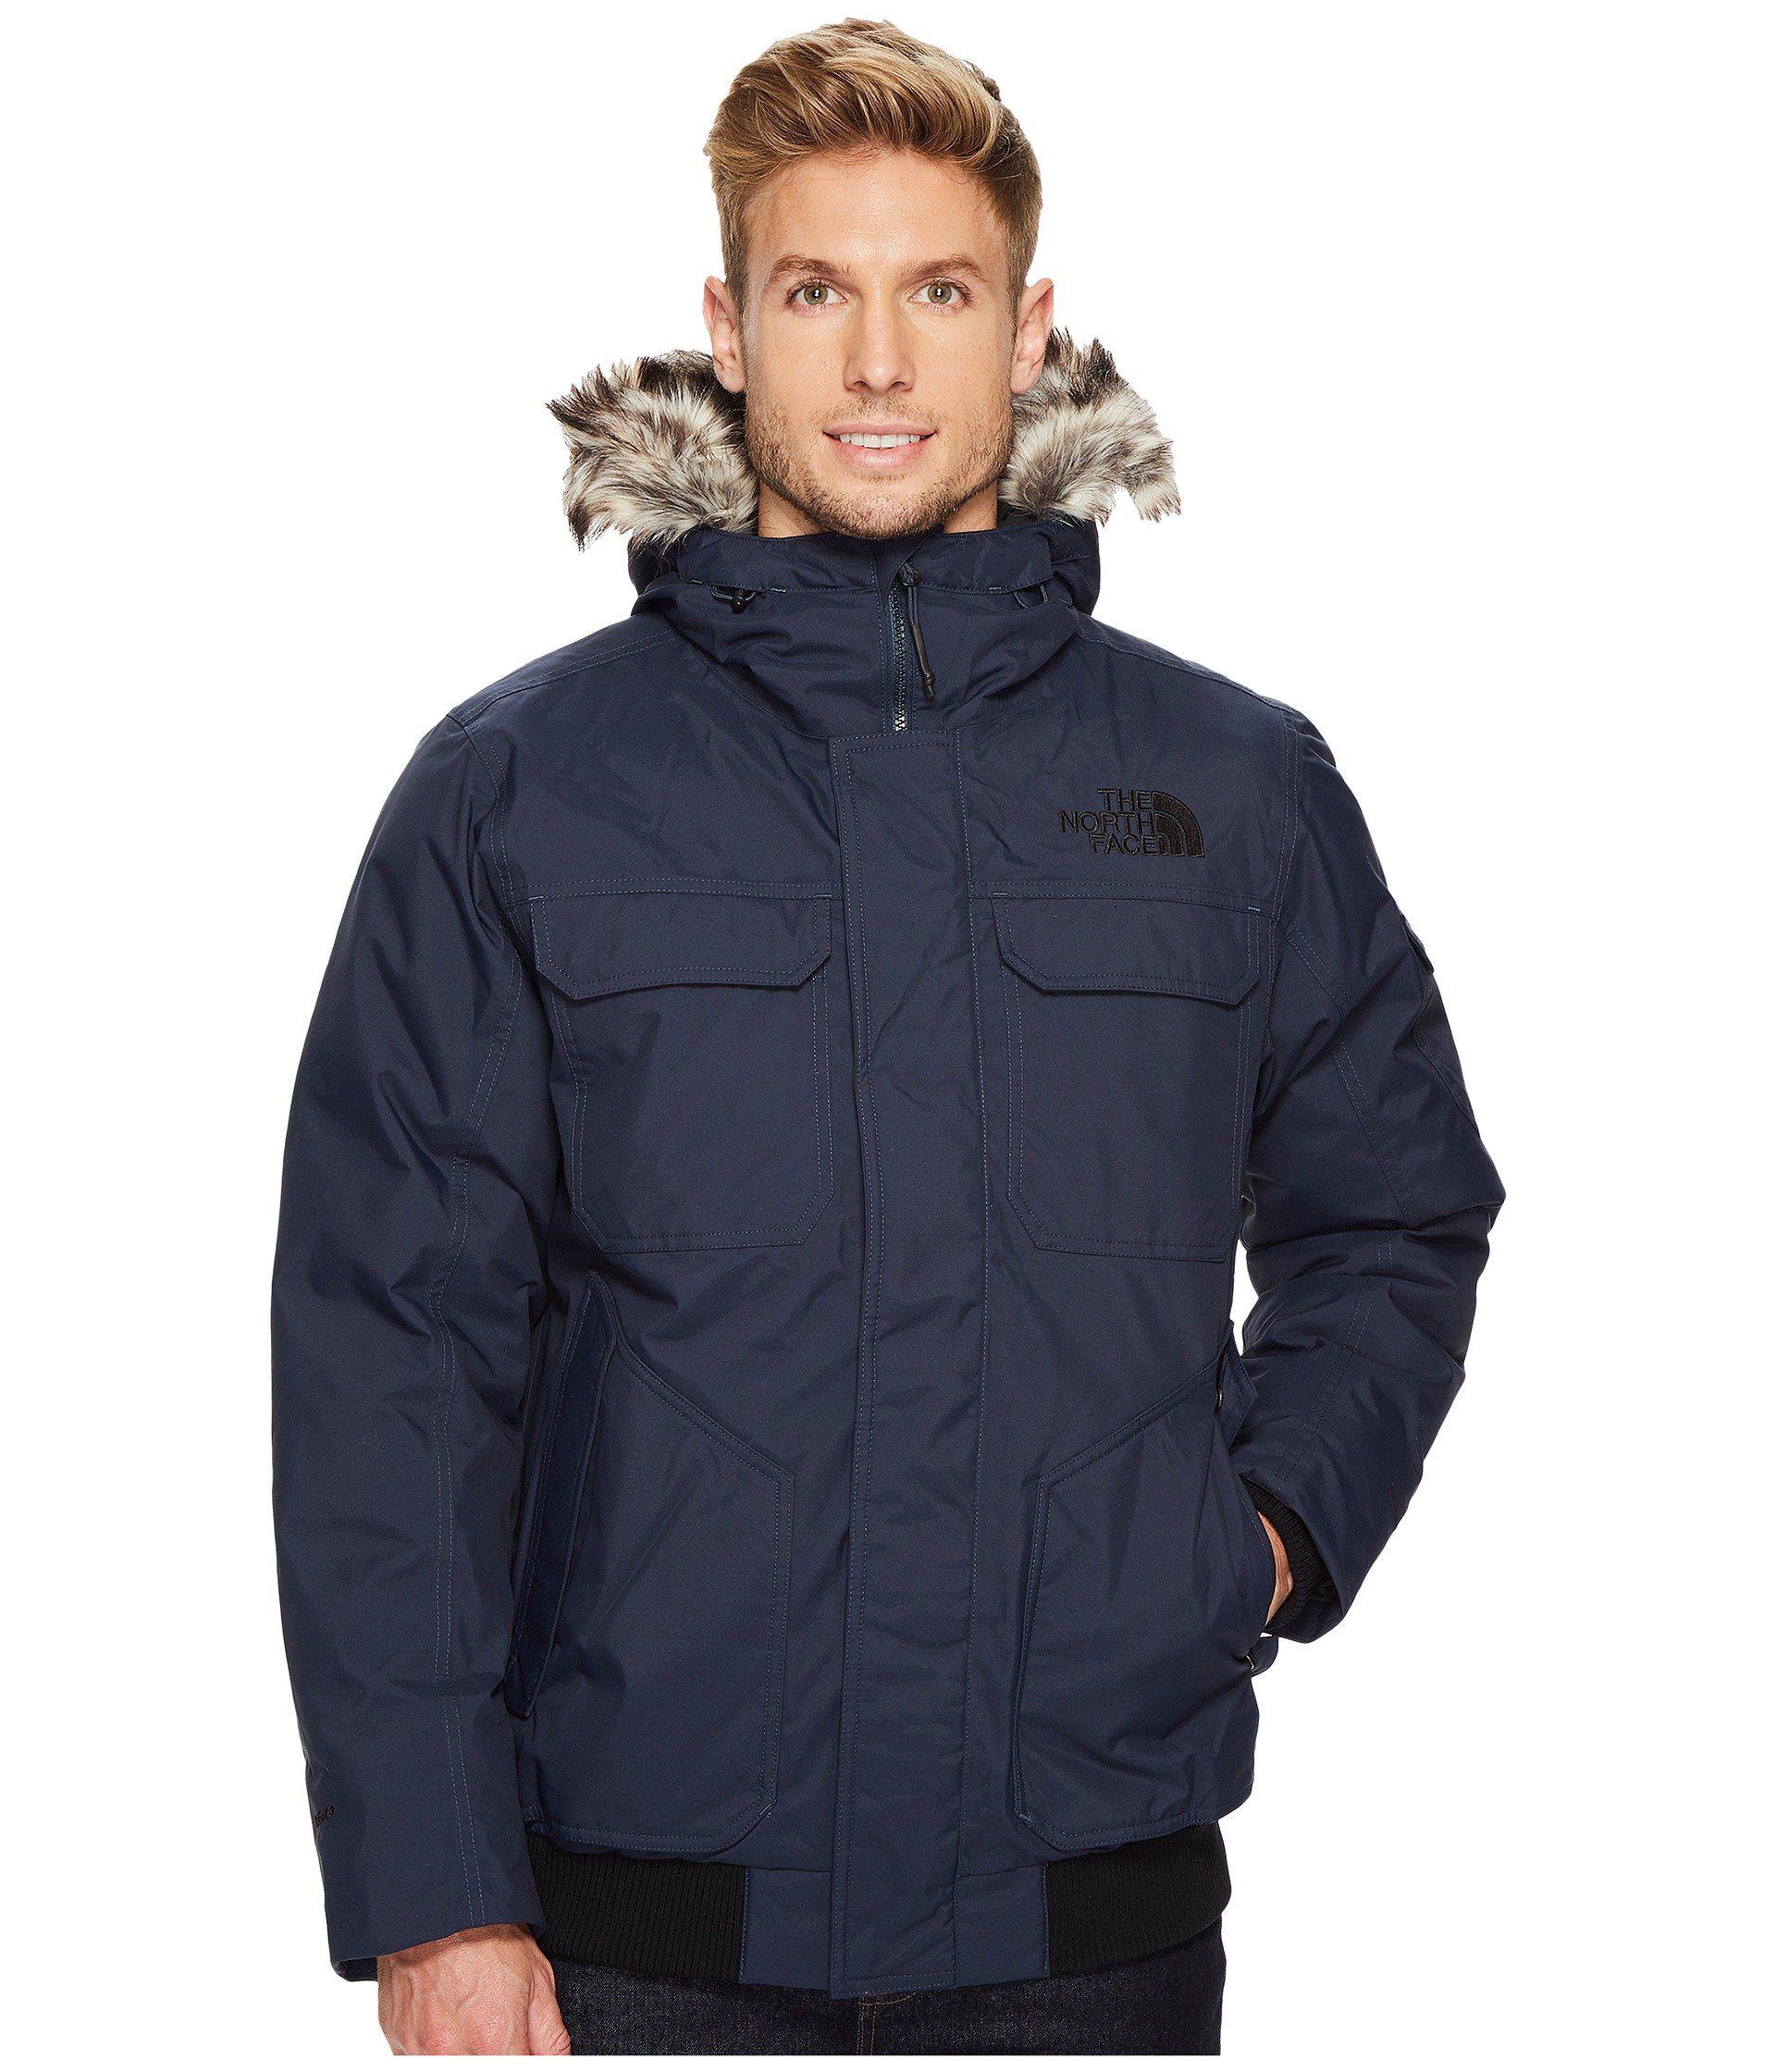 north face gotham jacket